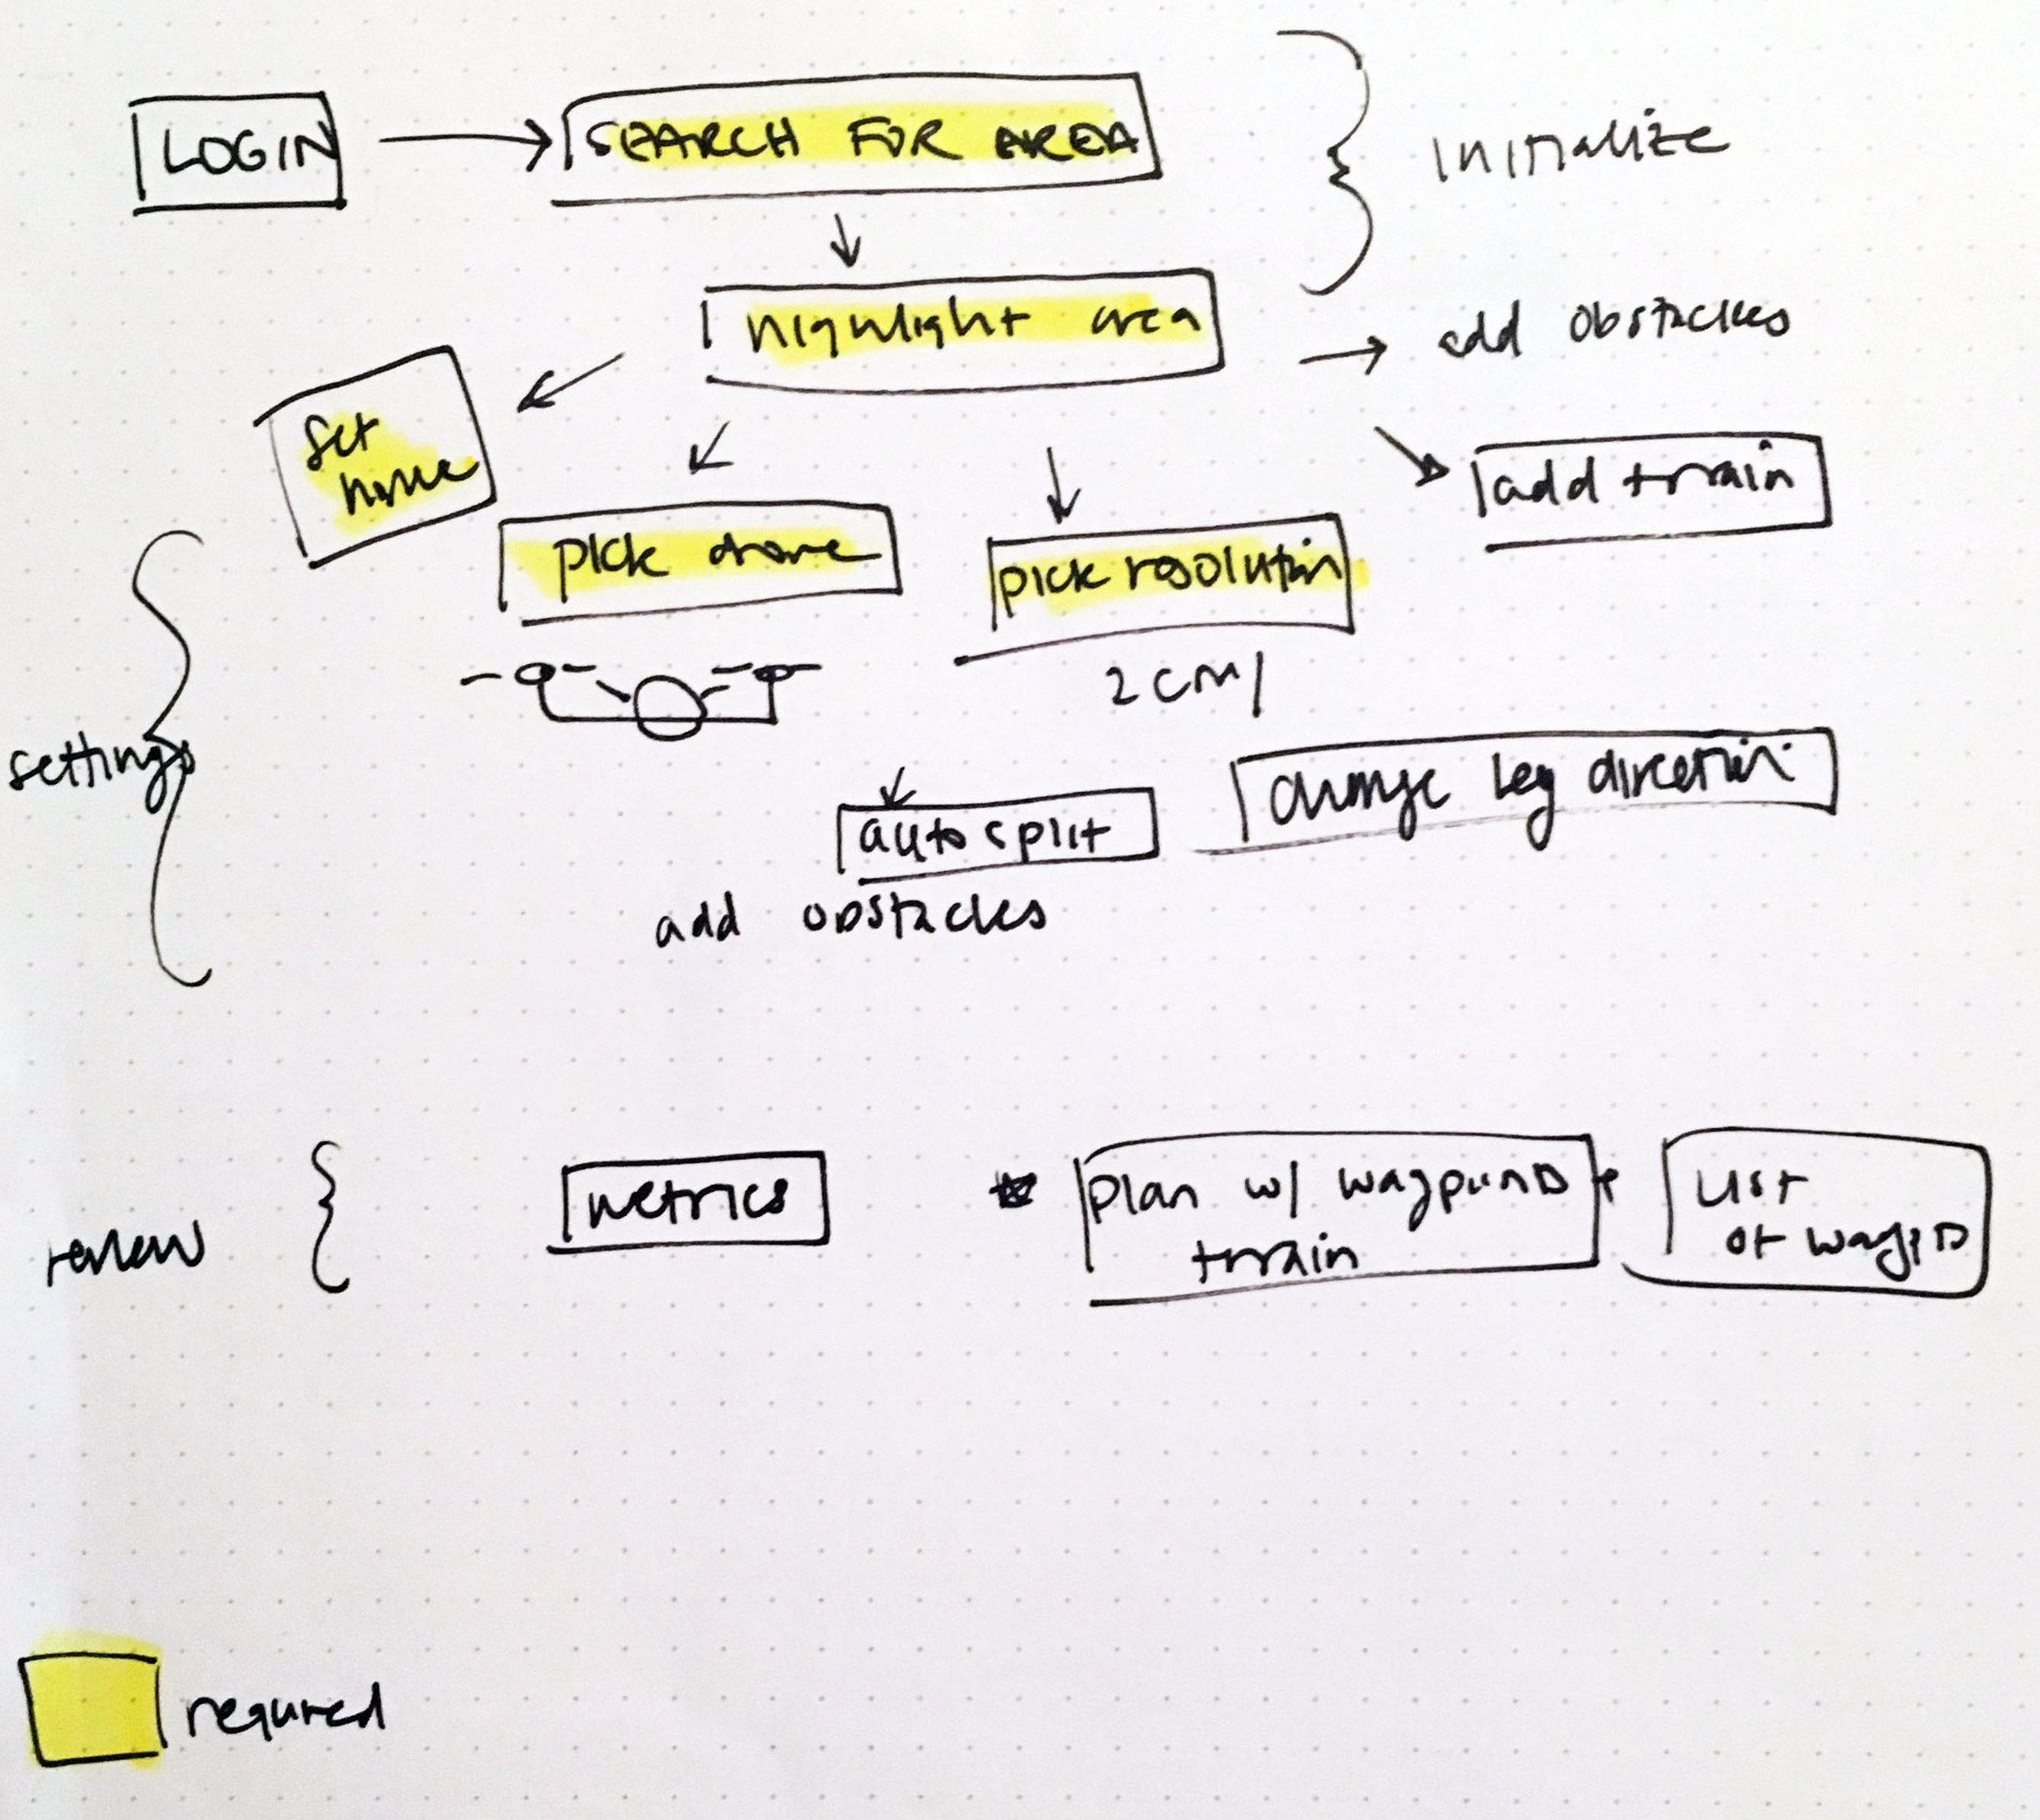 Basic flow of app